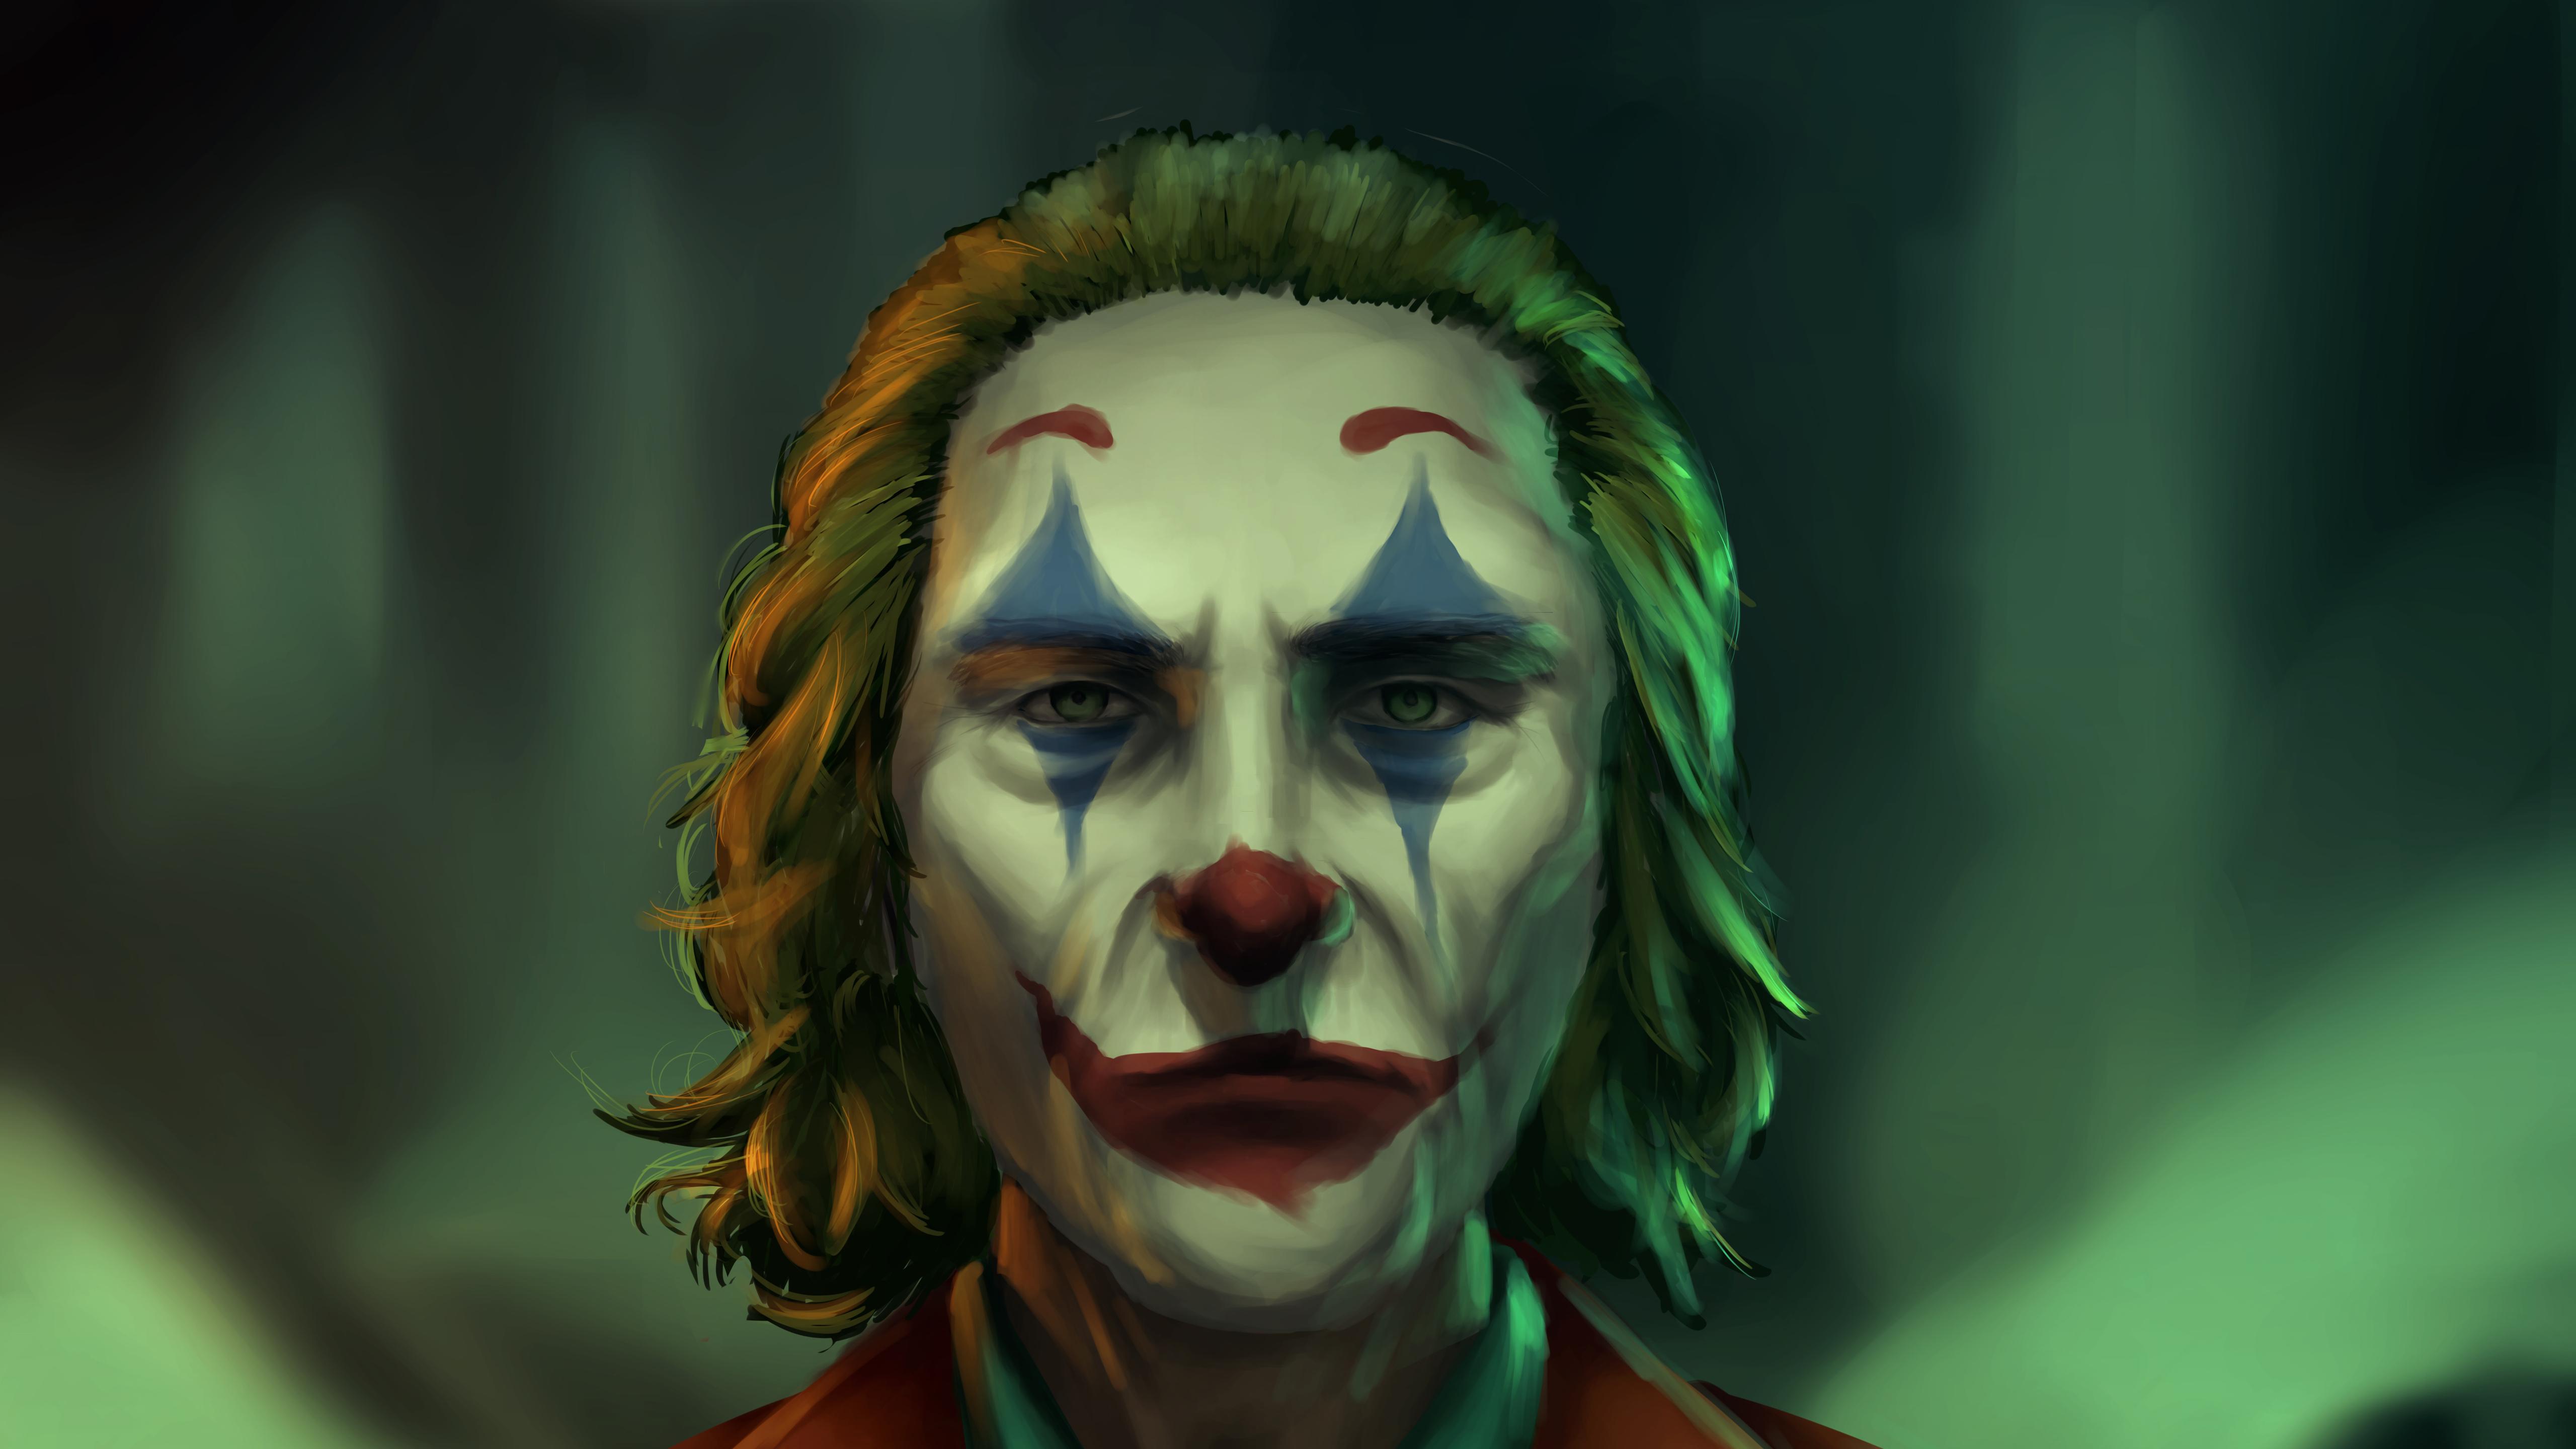 joker-5k-artwork-new-rp.jpg